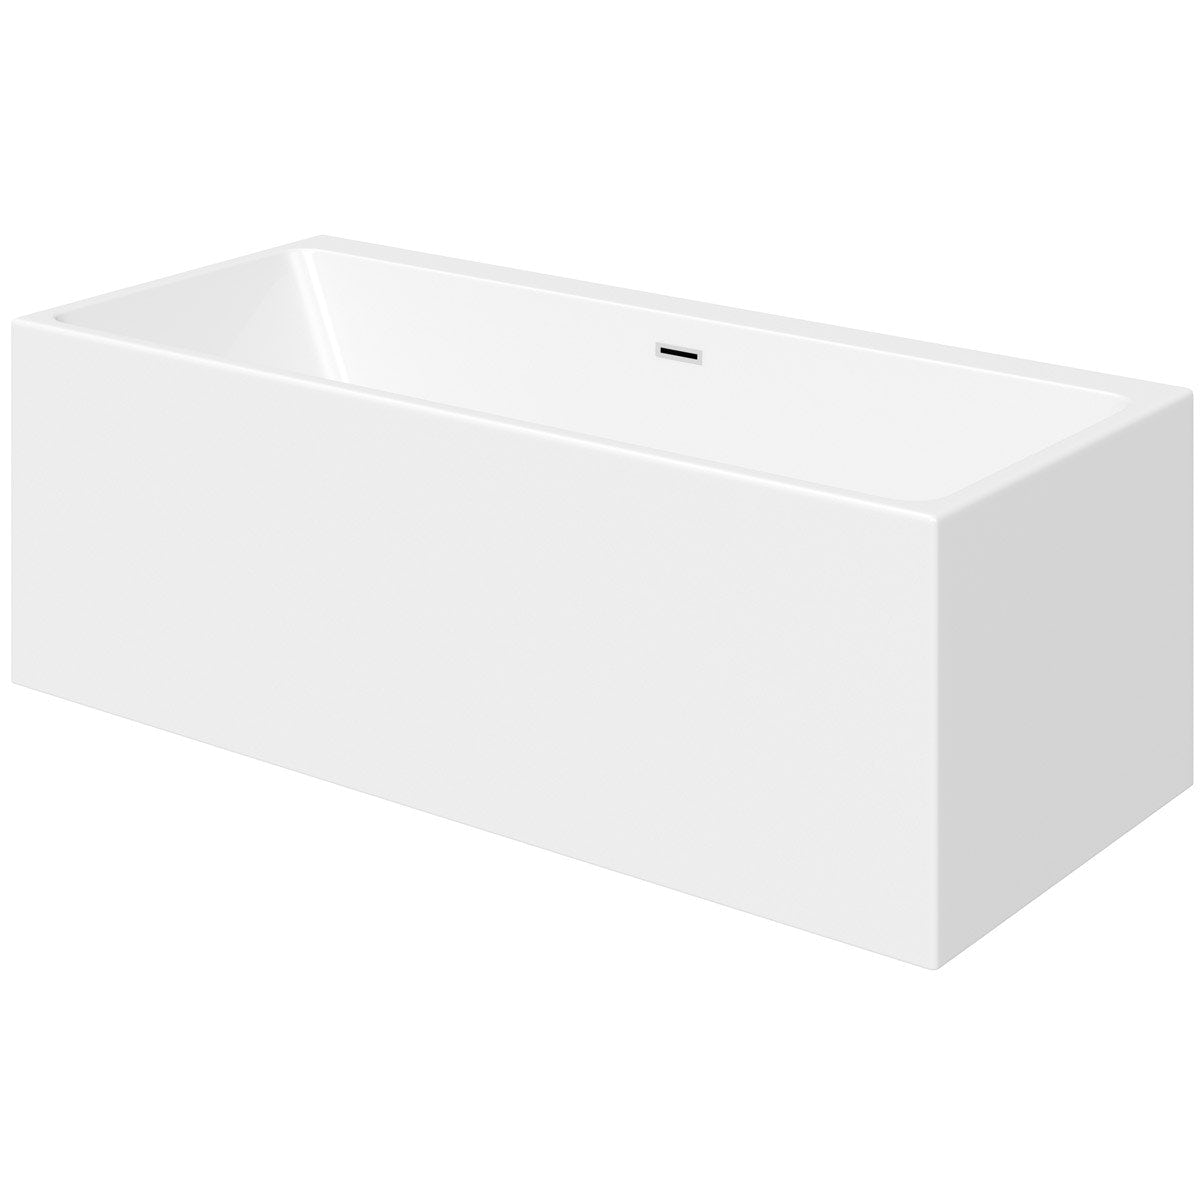 Mode Cooper freestanding bath 1700 x 750 offer pack